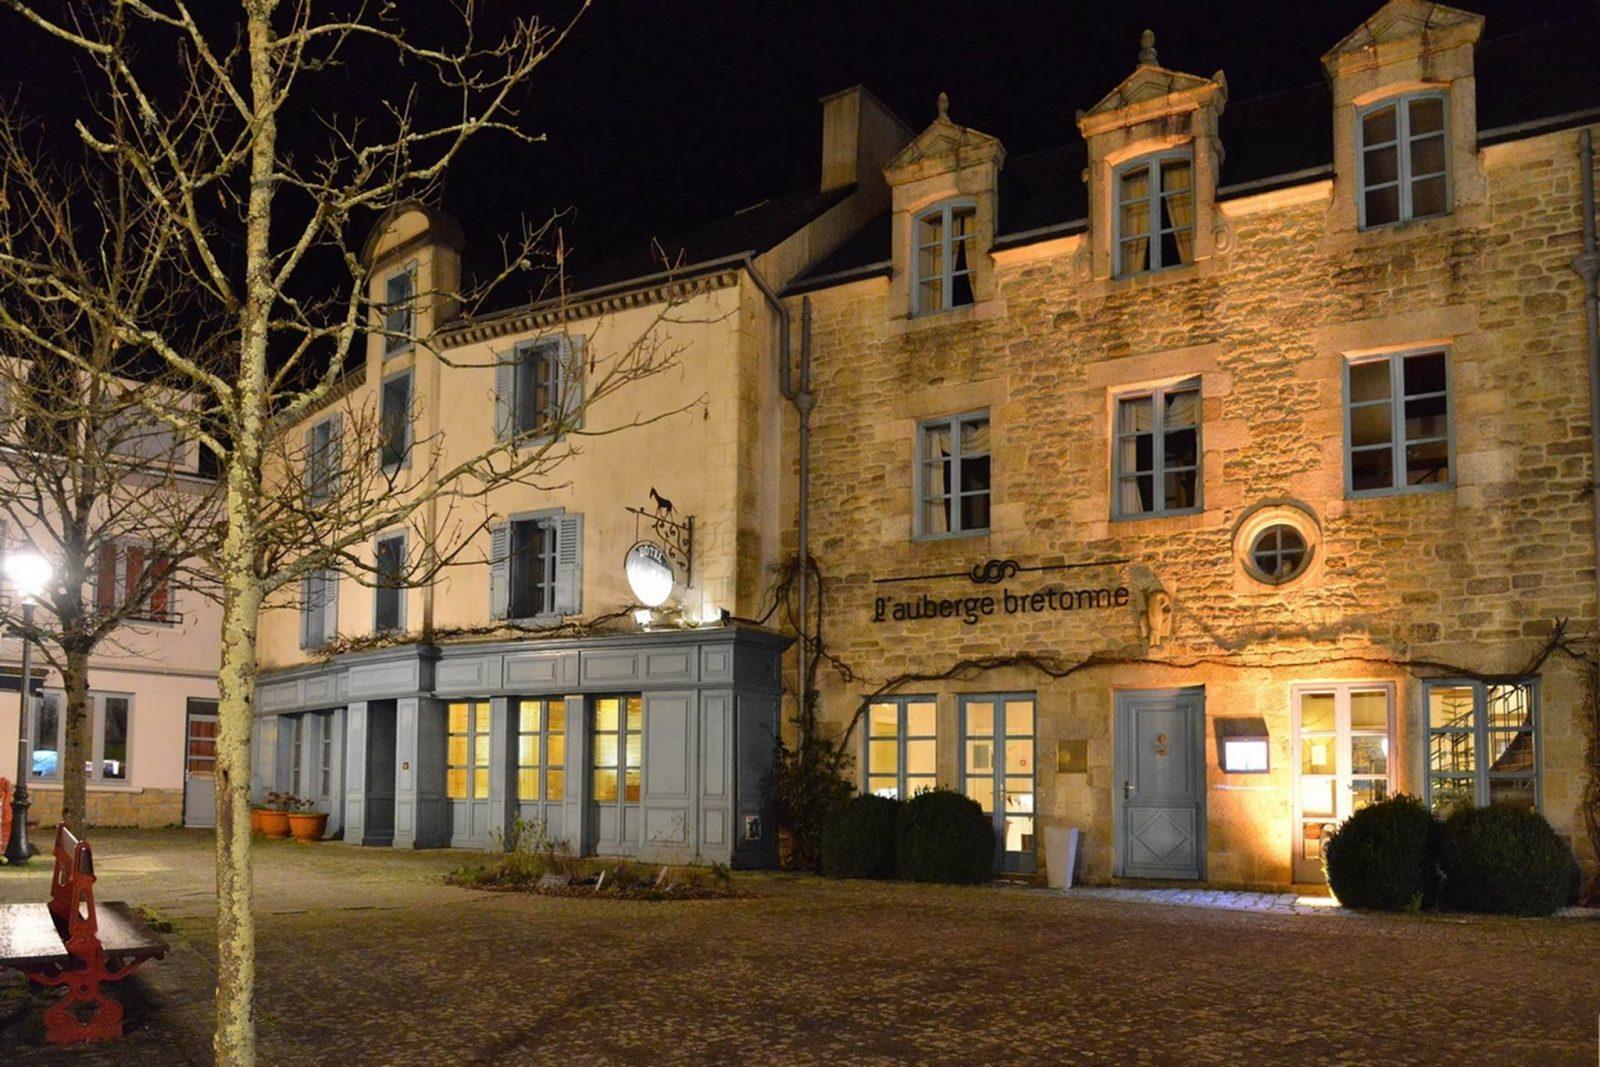 Auberge Bretonne-La-Roche-Bernard-Morbihan-Bretagne-Sud